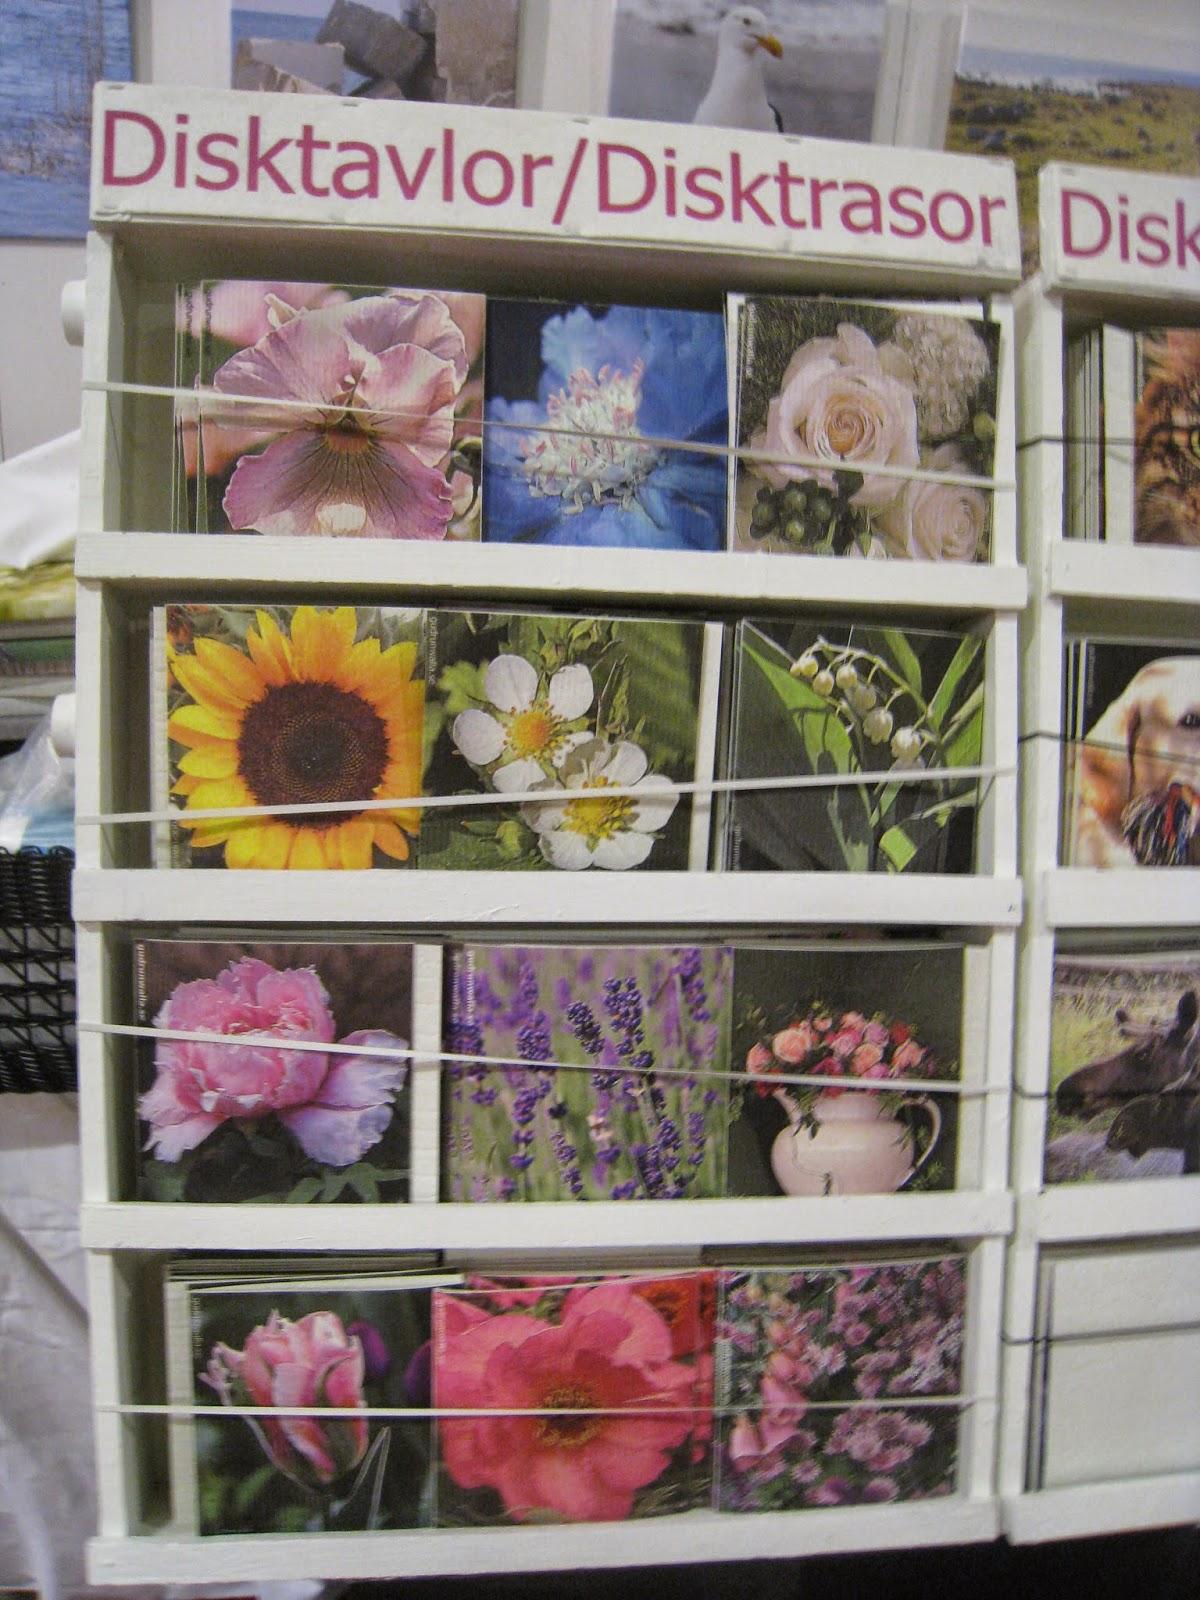 Kerstins green room: rapport från rum & trädgård 2014